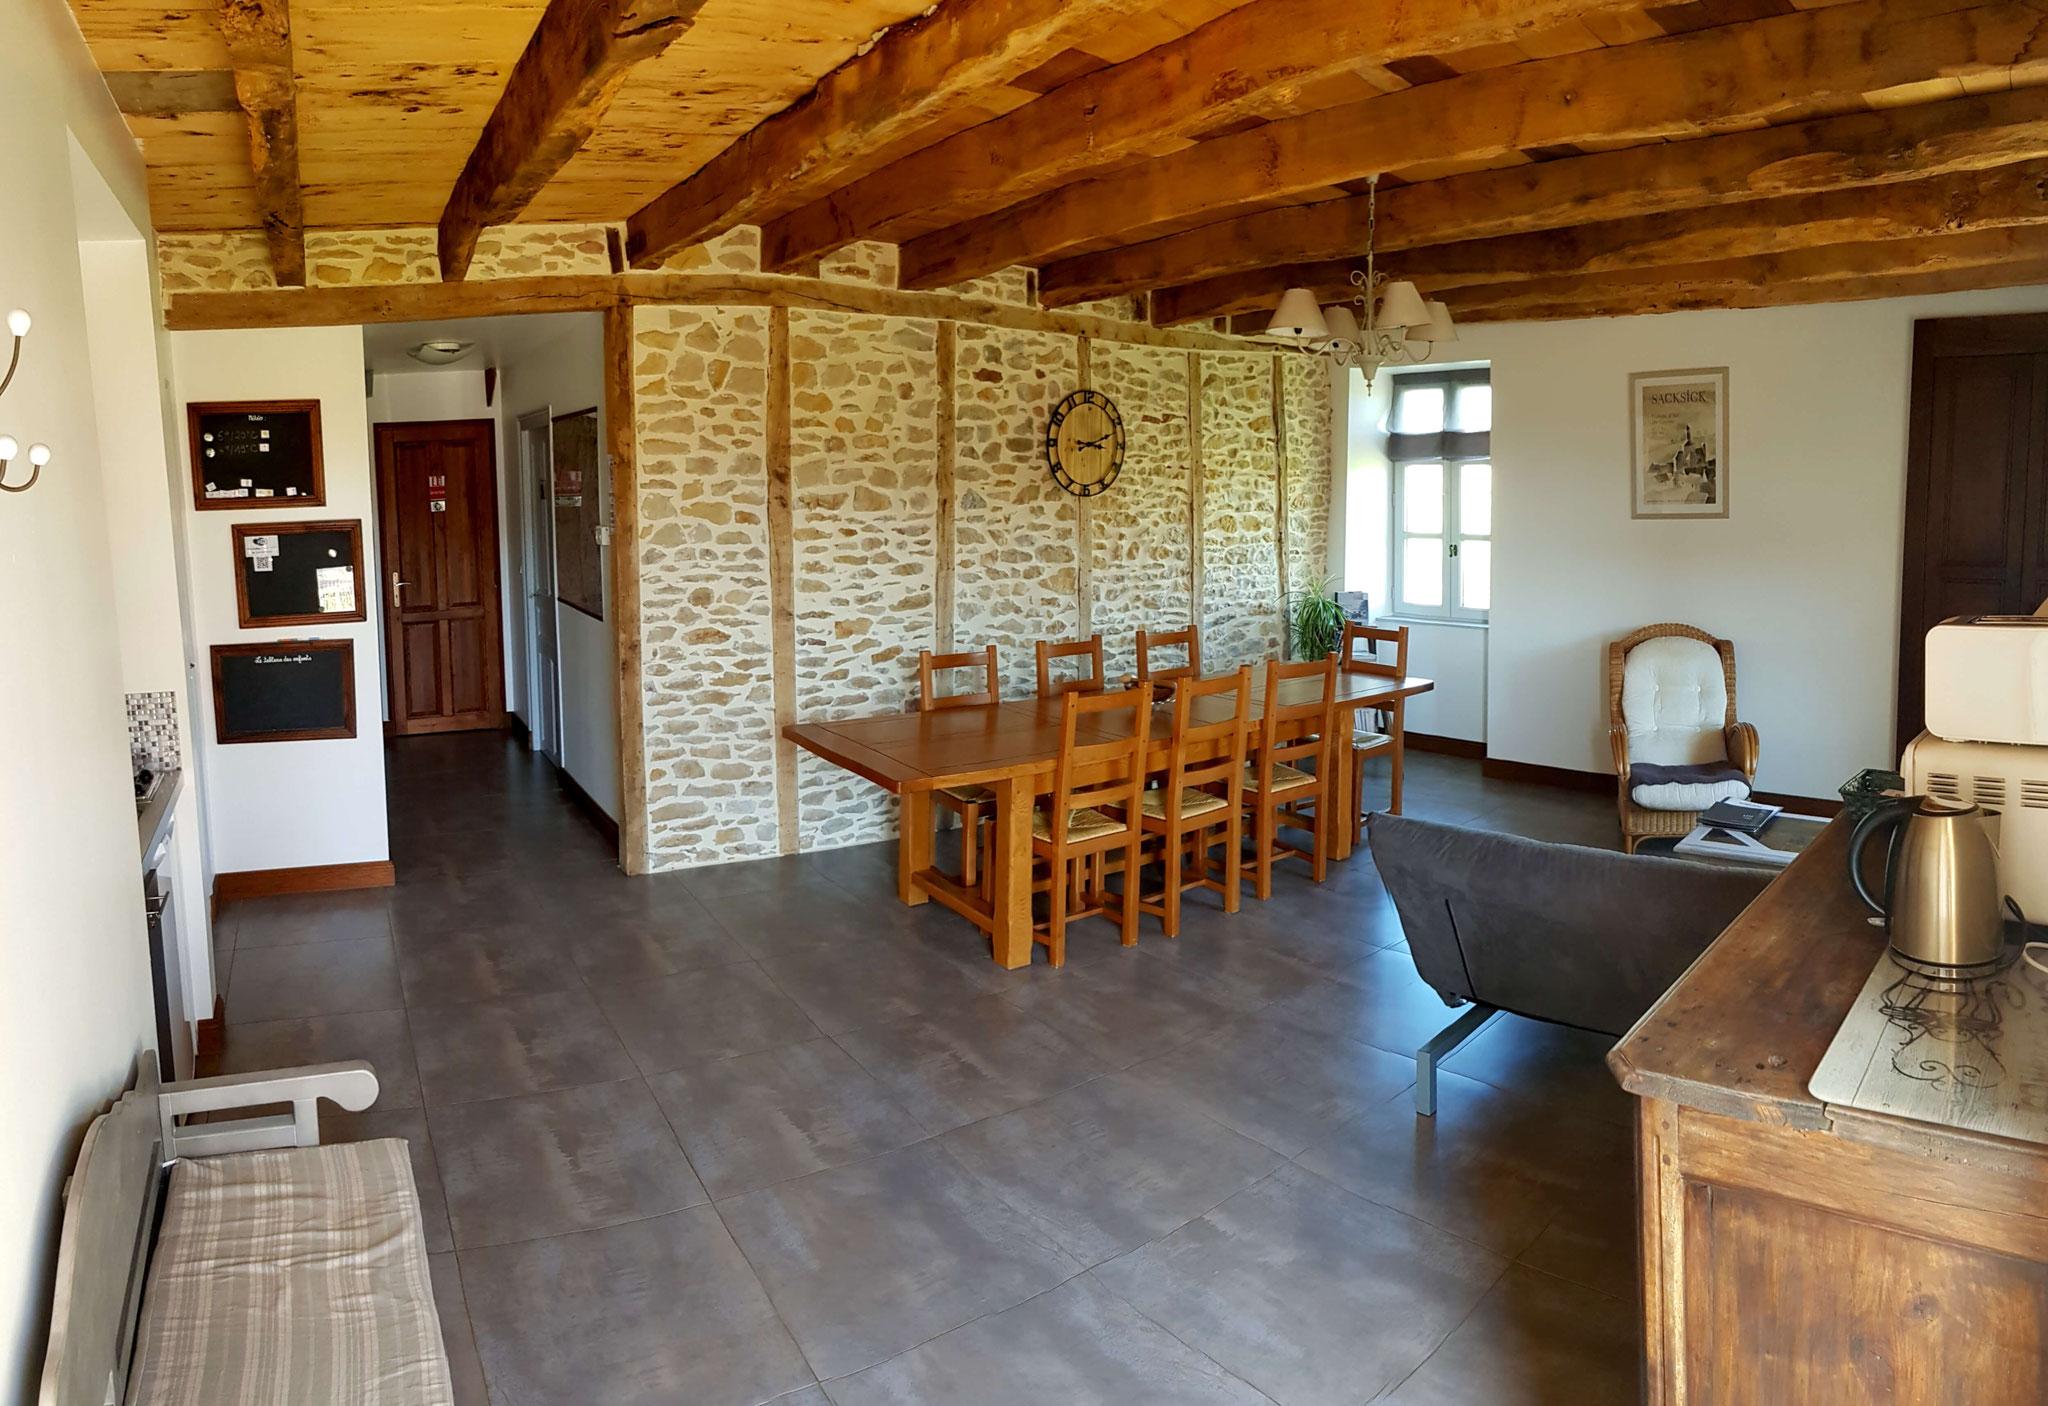 La pièce principale de 30 m2